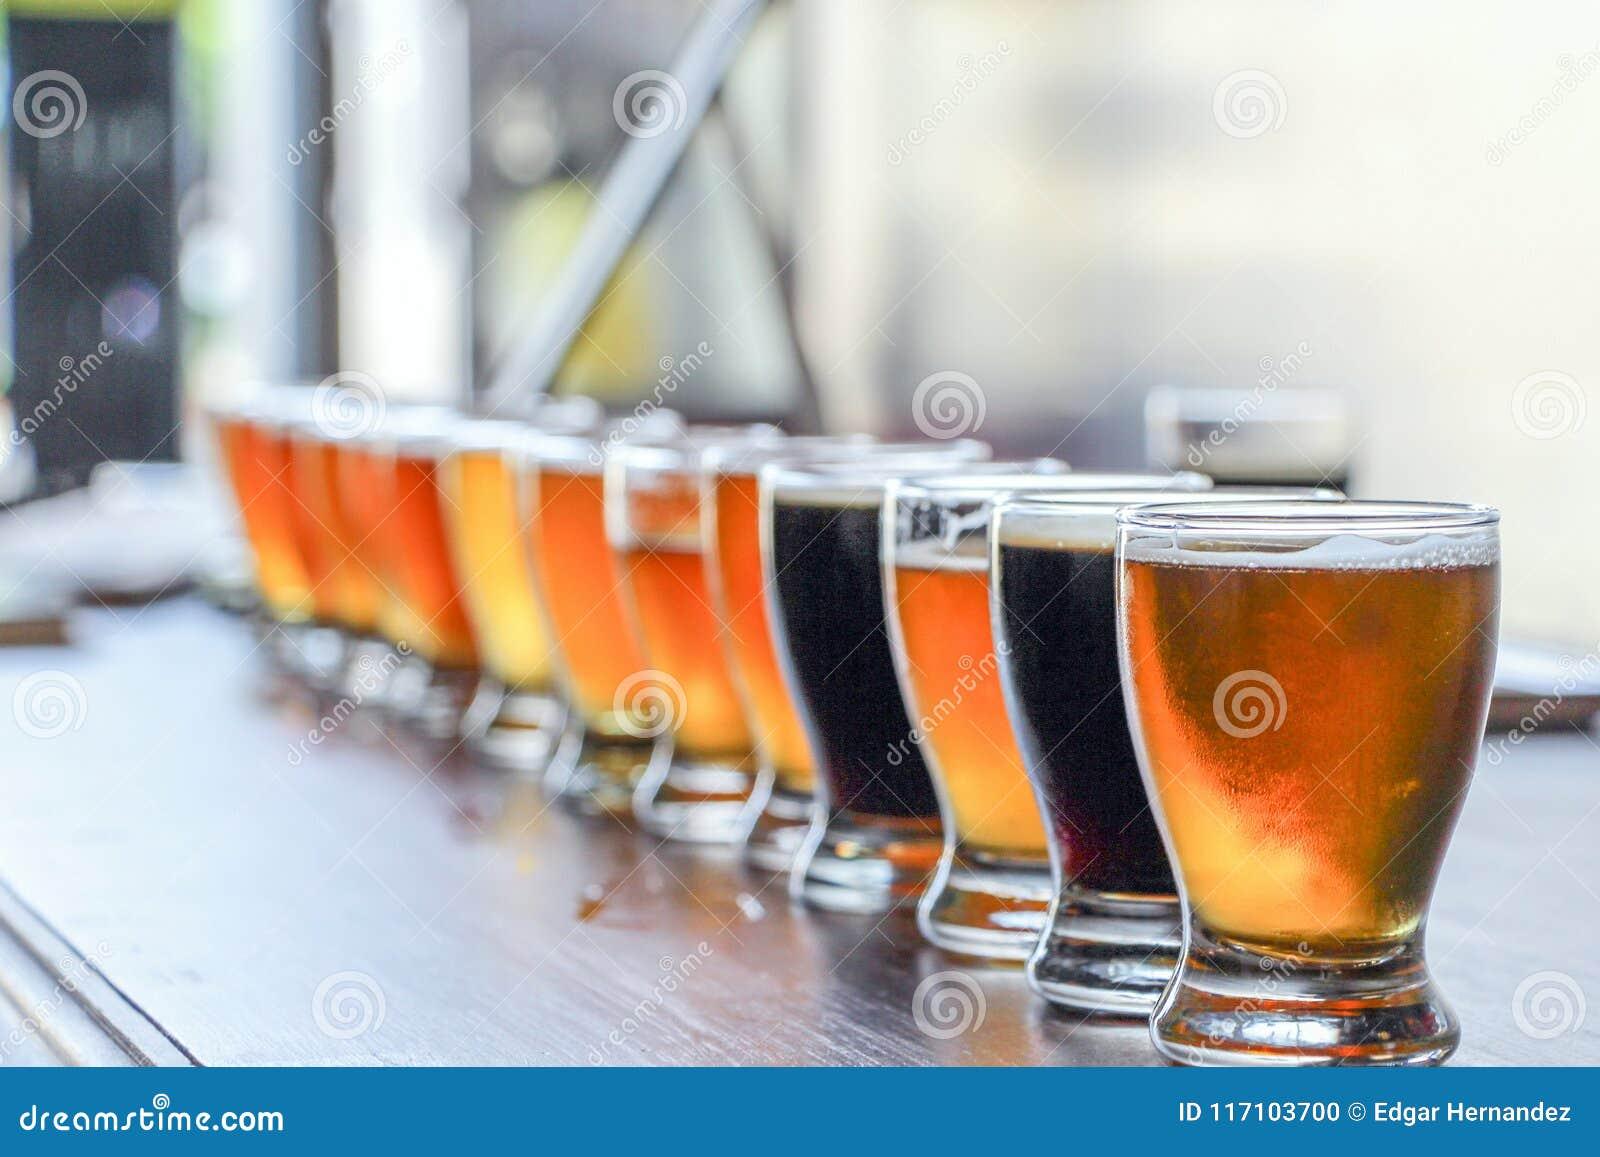 工艺啤酒品尝飞行